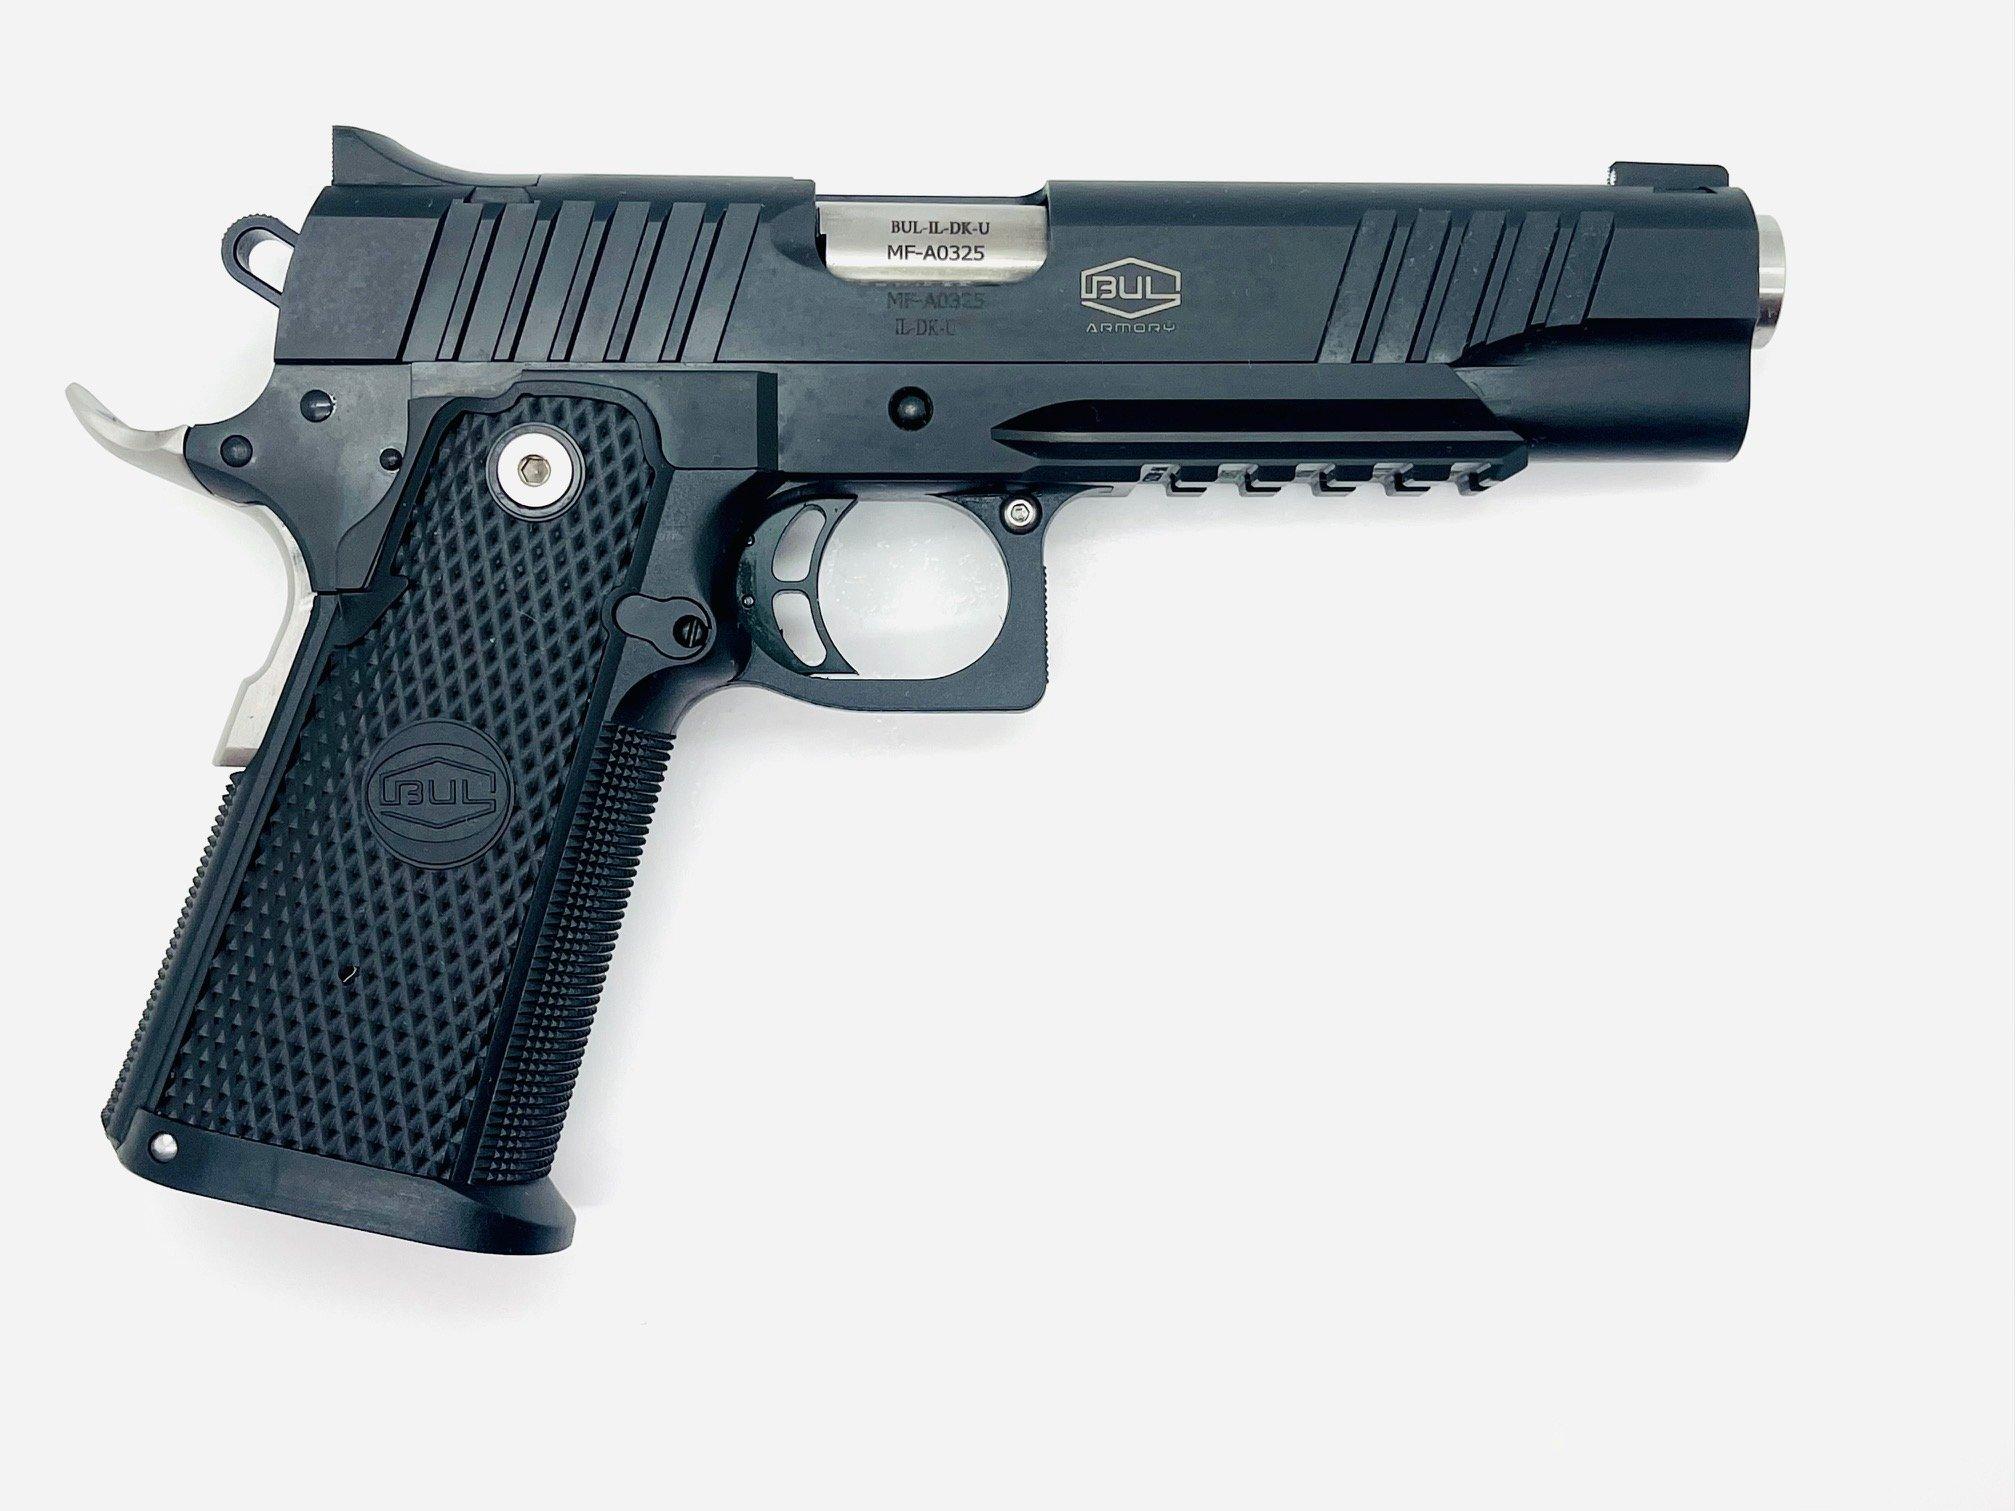 Bul SAS II Tac Government, 9mm